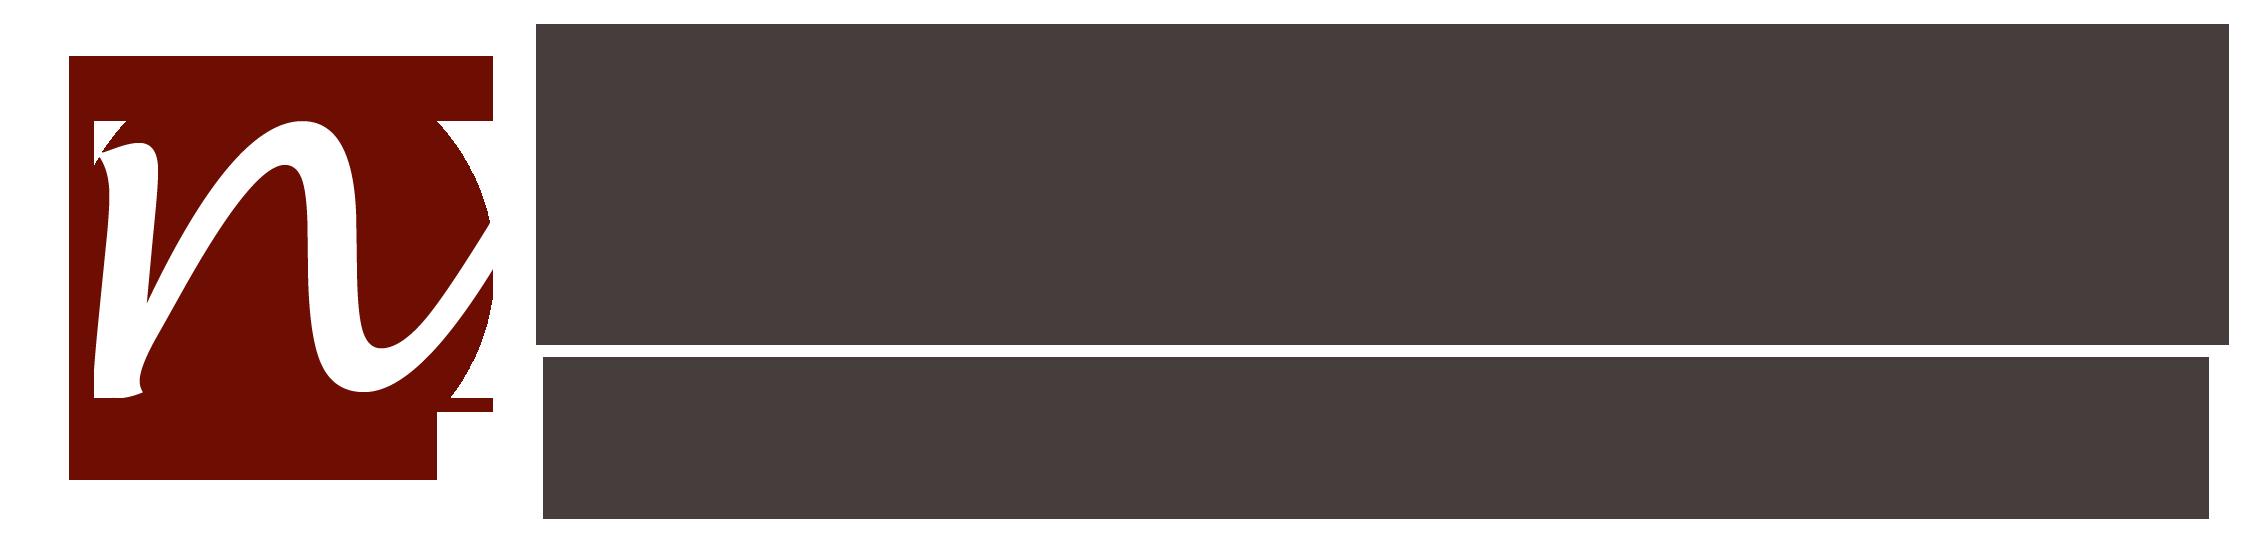 Neilom Foundation Inc - GuideStar Profile